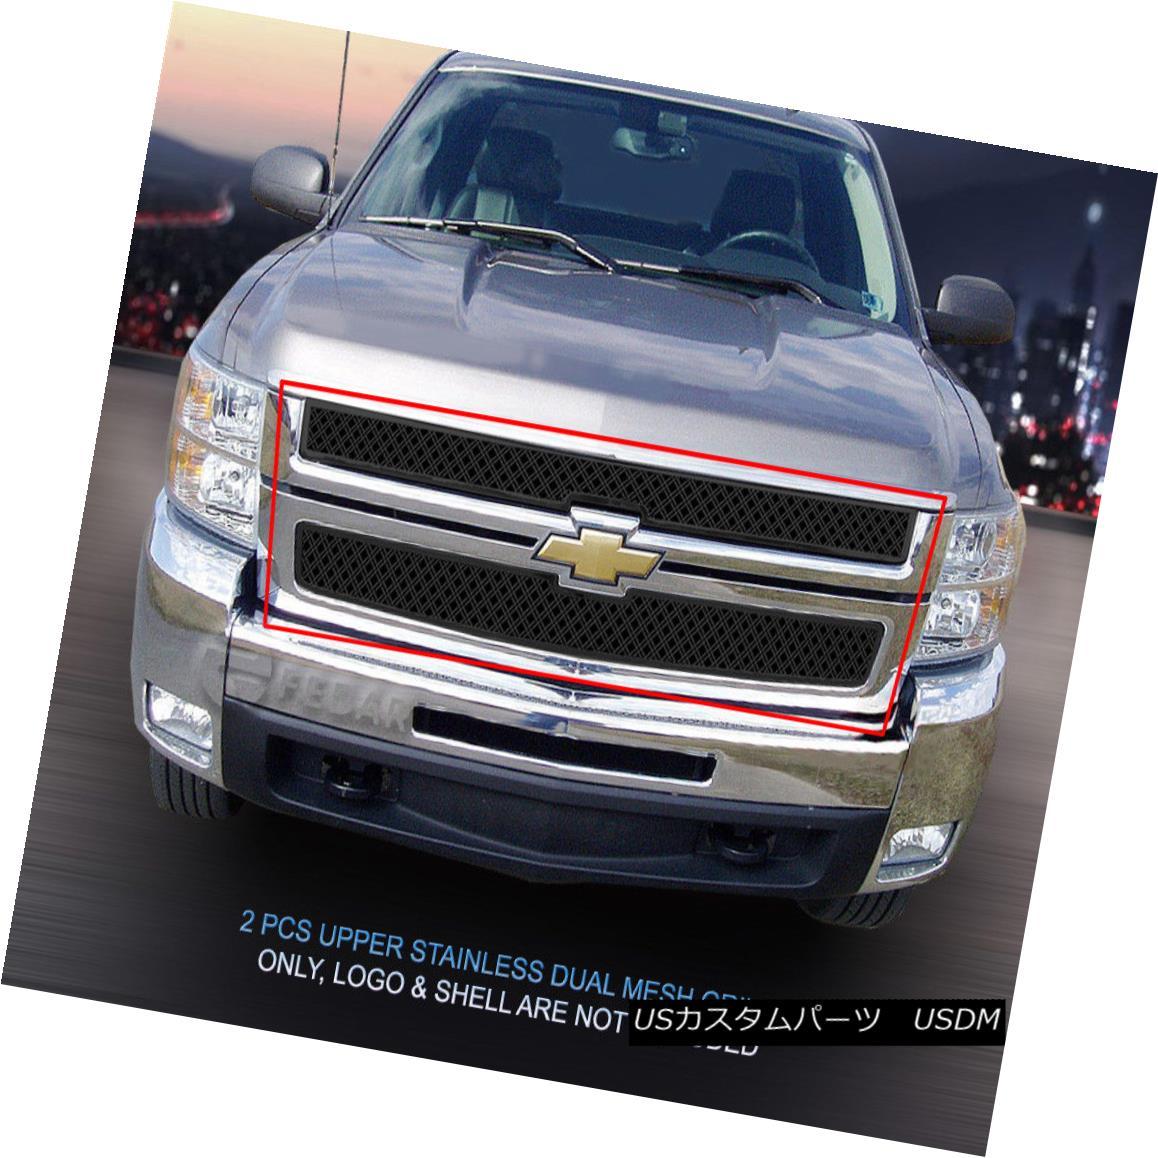 グリル Fedar Fits 07-10 Chevy Silverado 3500 HD/2500HD Black Mesh Grille Insert Fedarフィット07-10 Chevy Silverado 3500 HD / 2500HDブラックメッシュグリルインサート